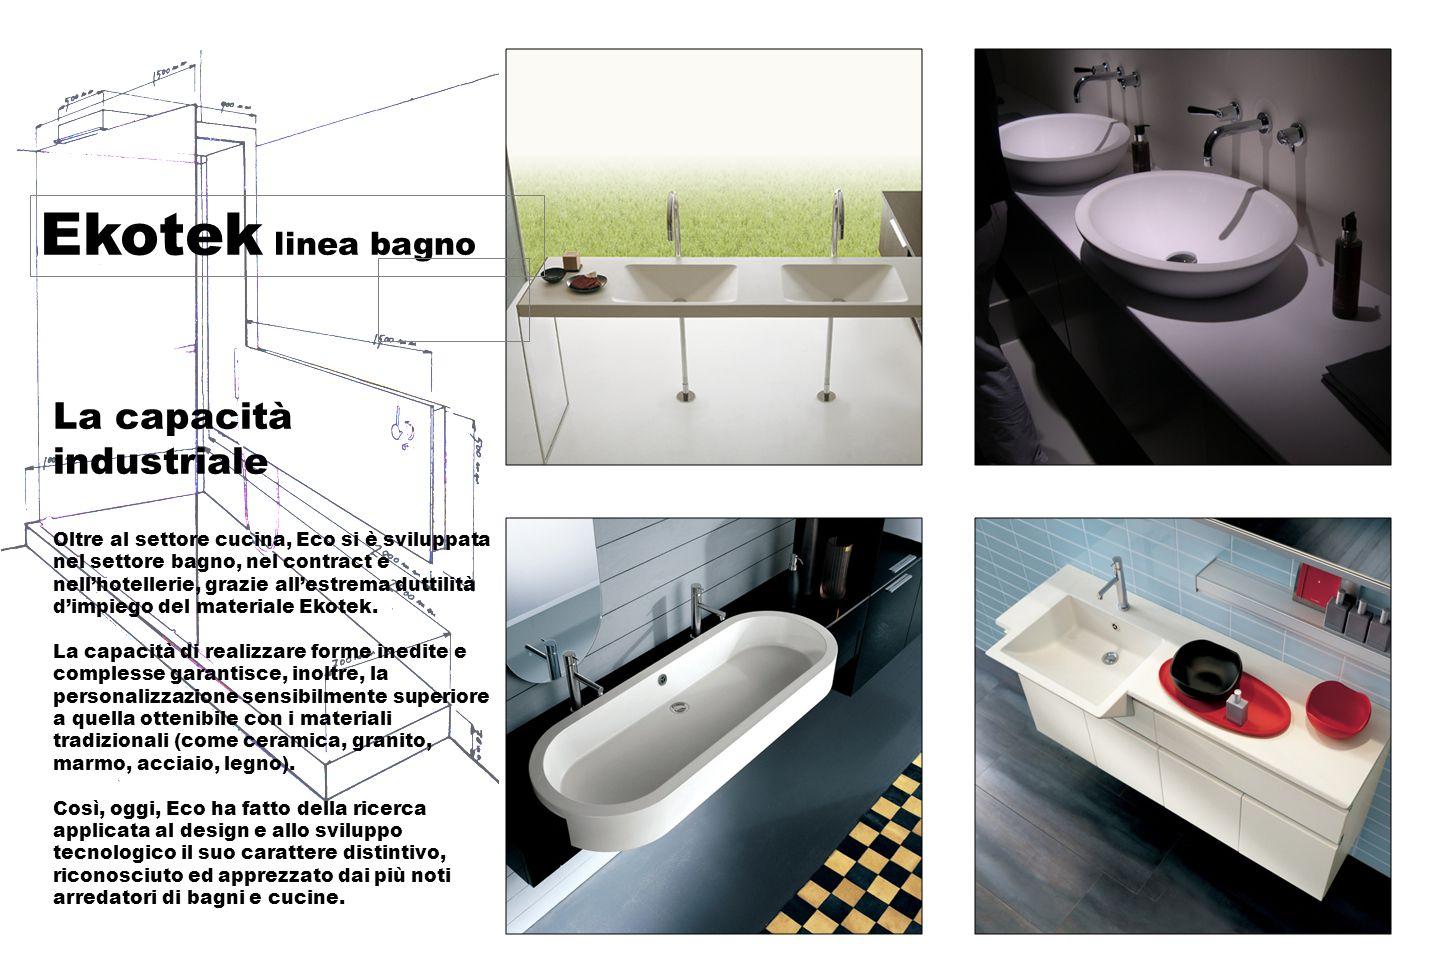 Ekotek linea bagno Un prodotto unico Ekotek è il risultato di una combinazione di resine altamente selezionate, cariche minerali naturali e pigmenti.